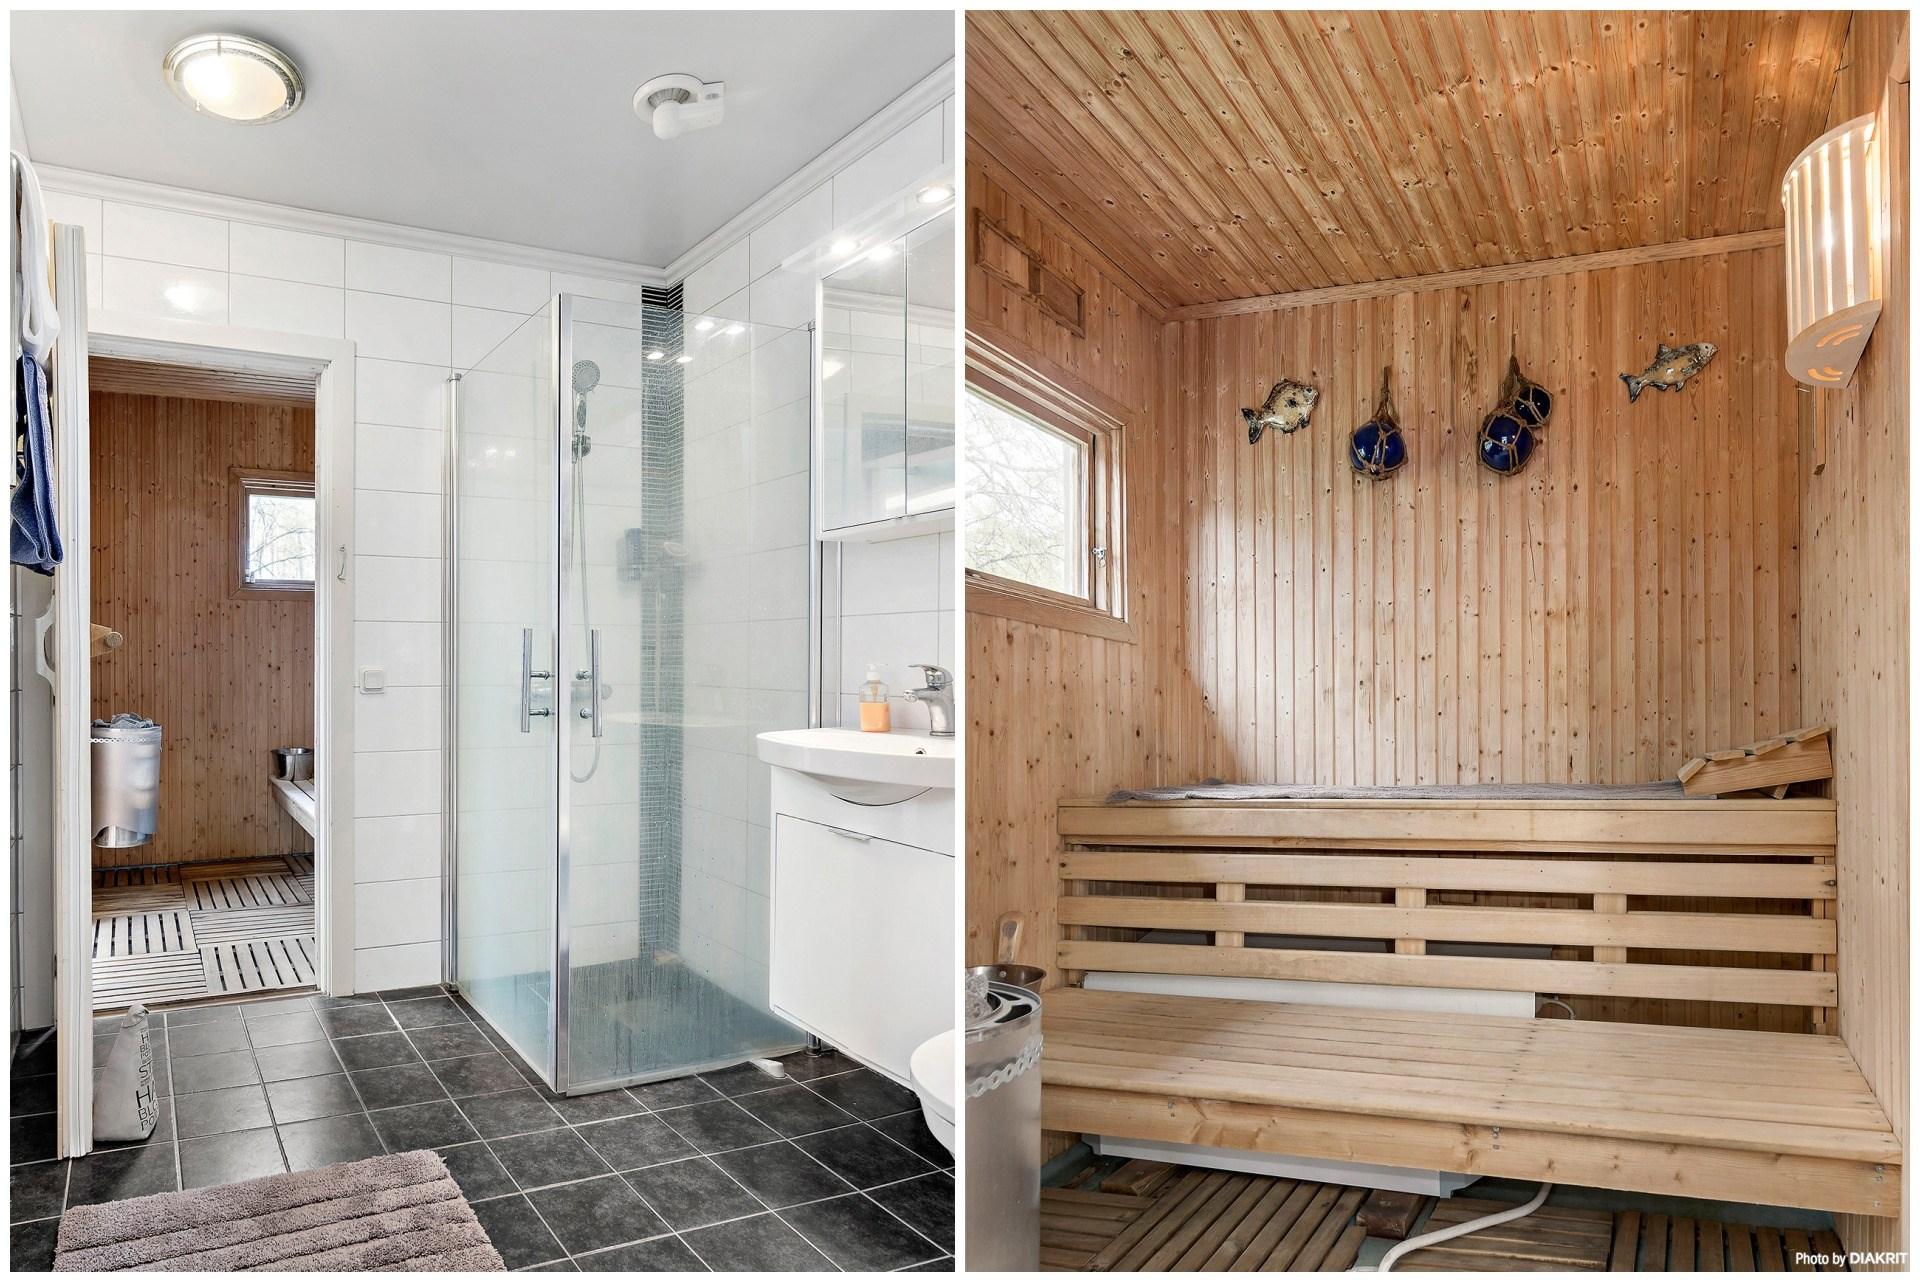 Helkaklat badrum och bastu